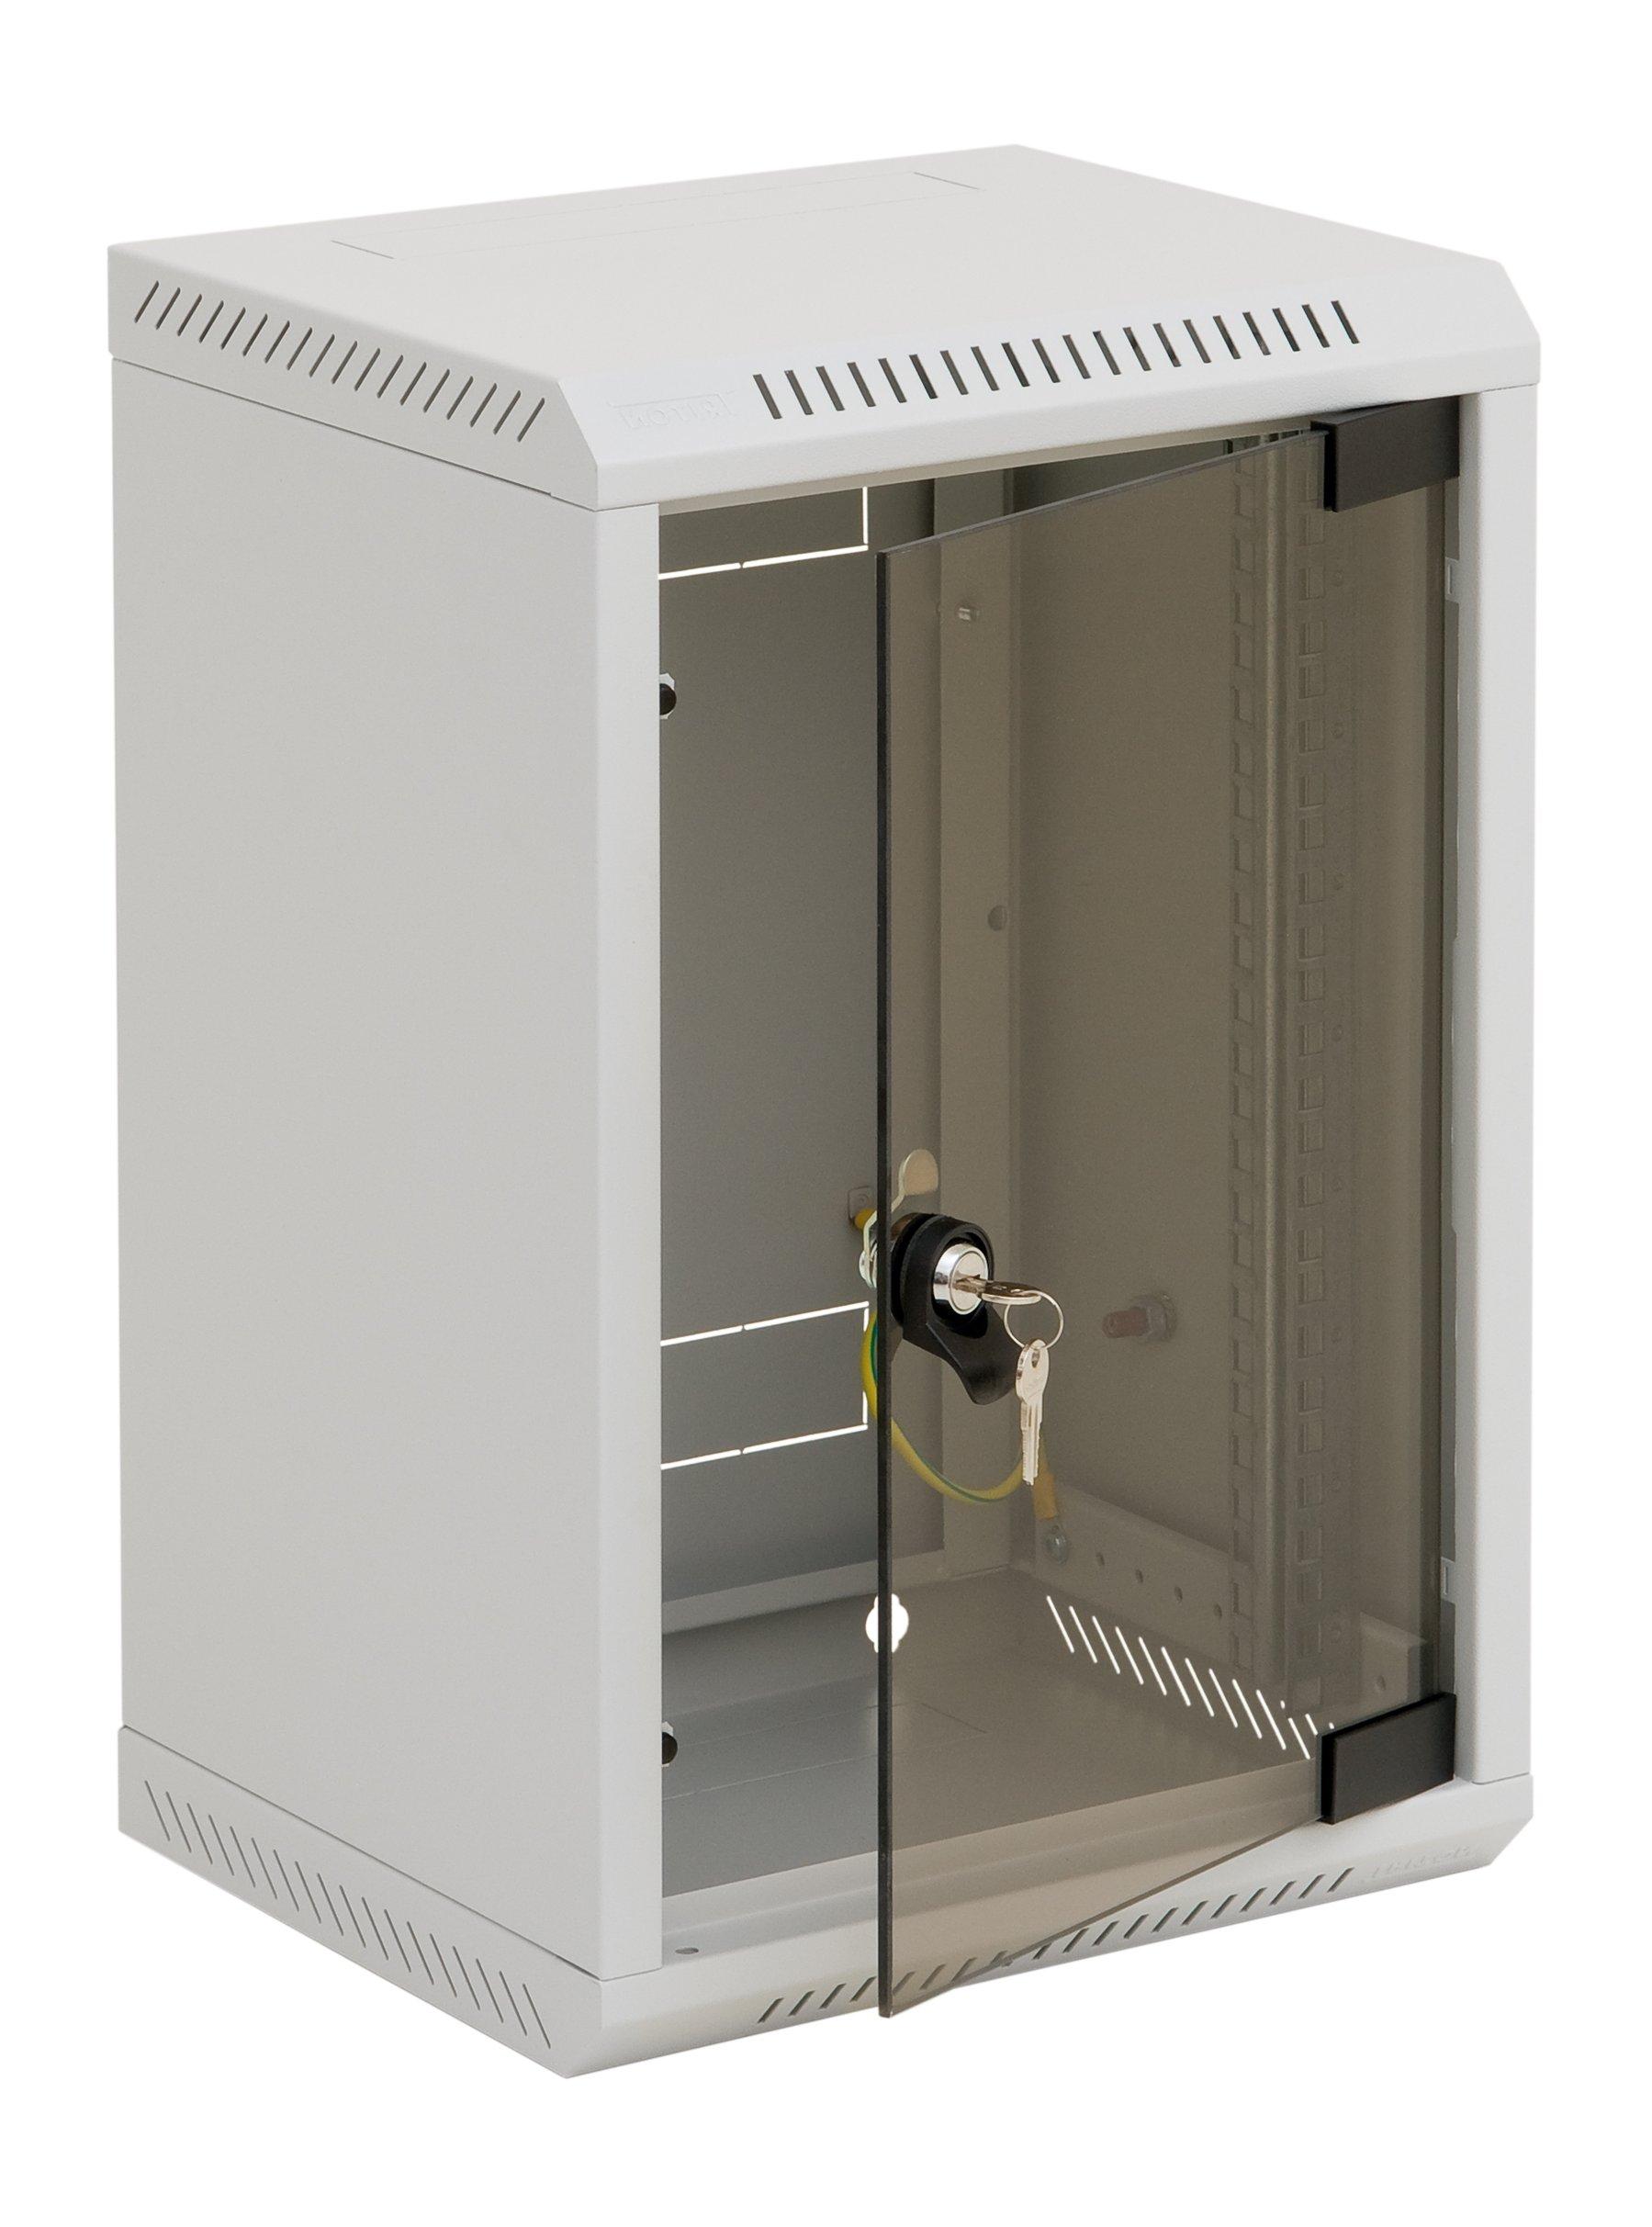 1 Stk Netzwerk-Wandschrank DV, B=310xH=337xT=260mm,10,6HE,RAL7035 DV610006-A